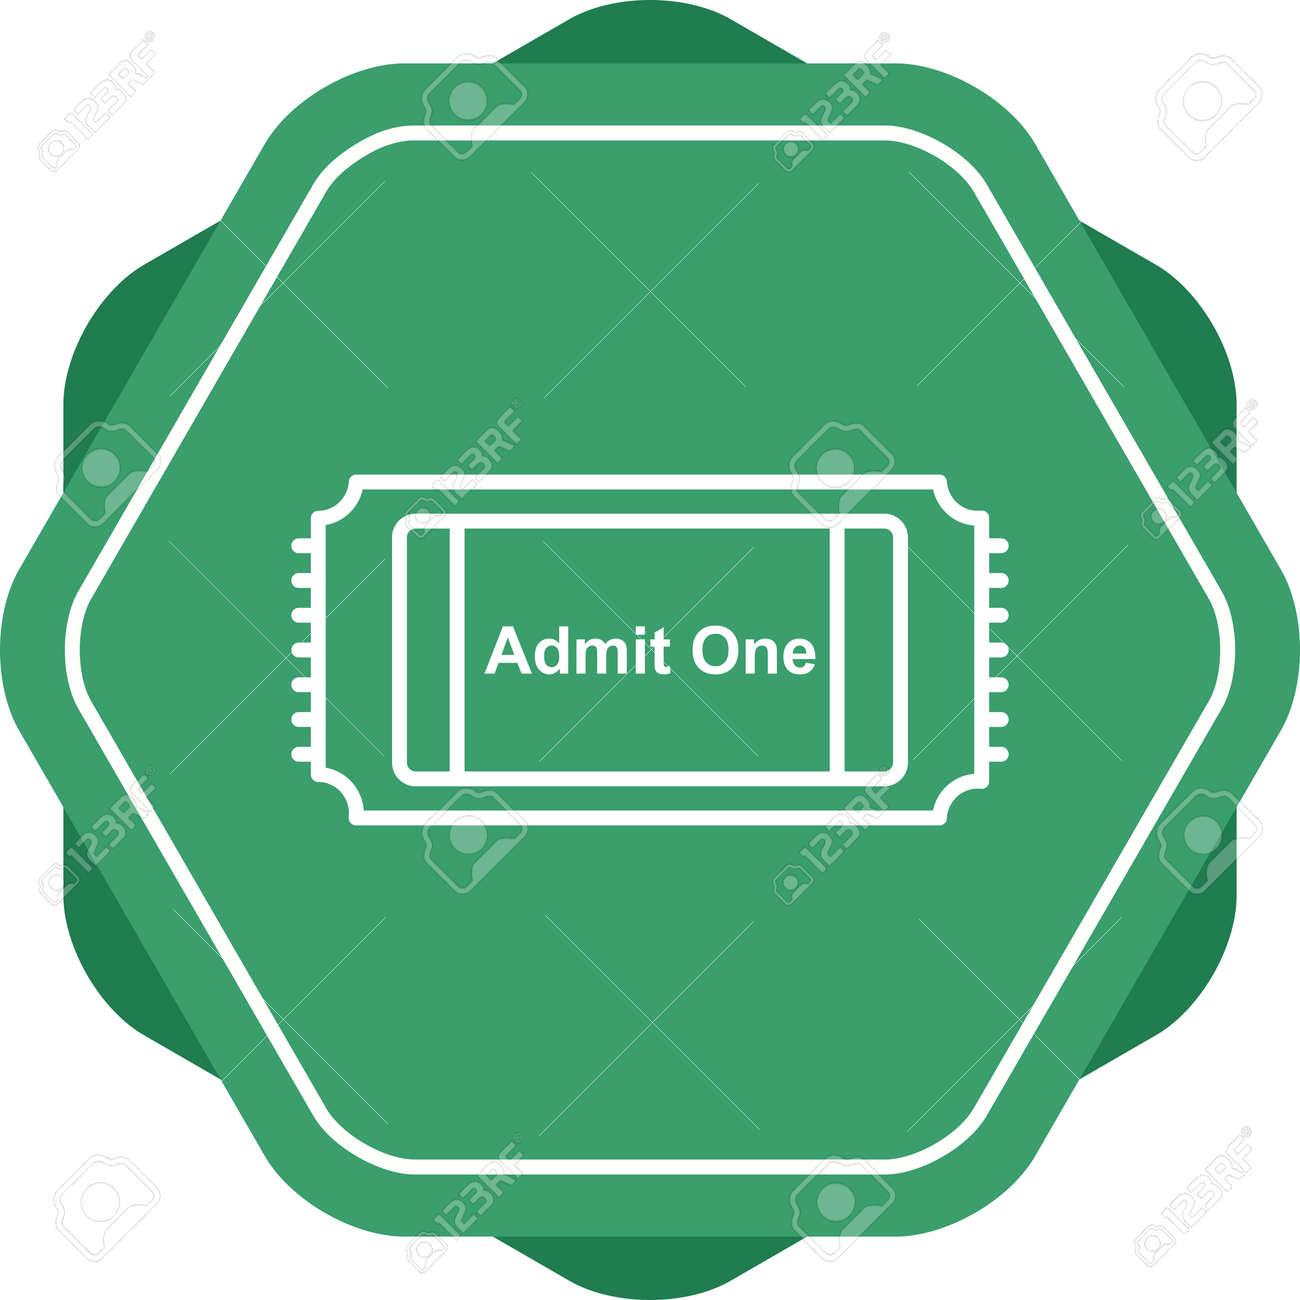 Unique Movie Ticket Line Vector Icon - 167962594